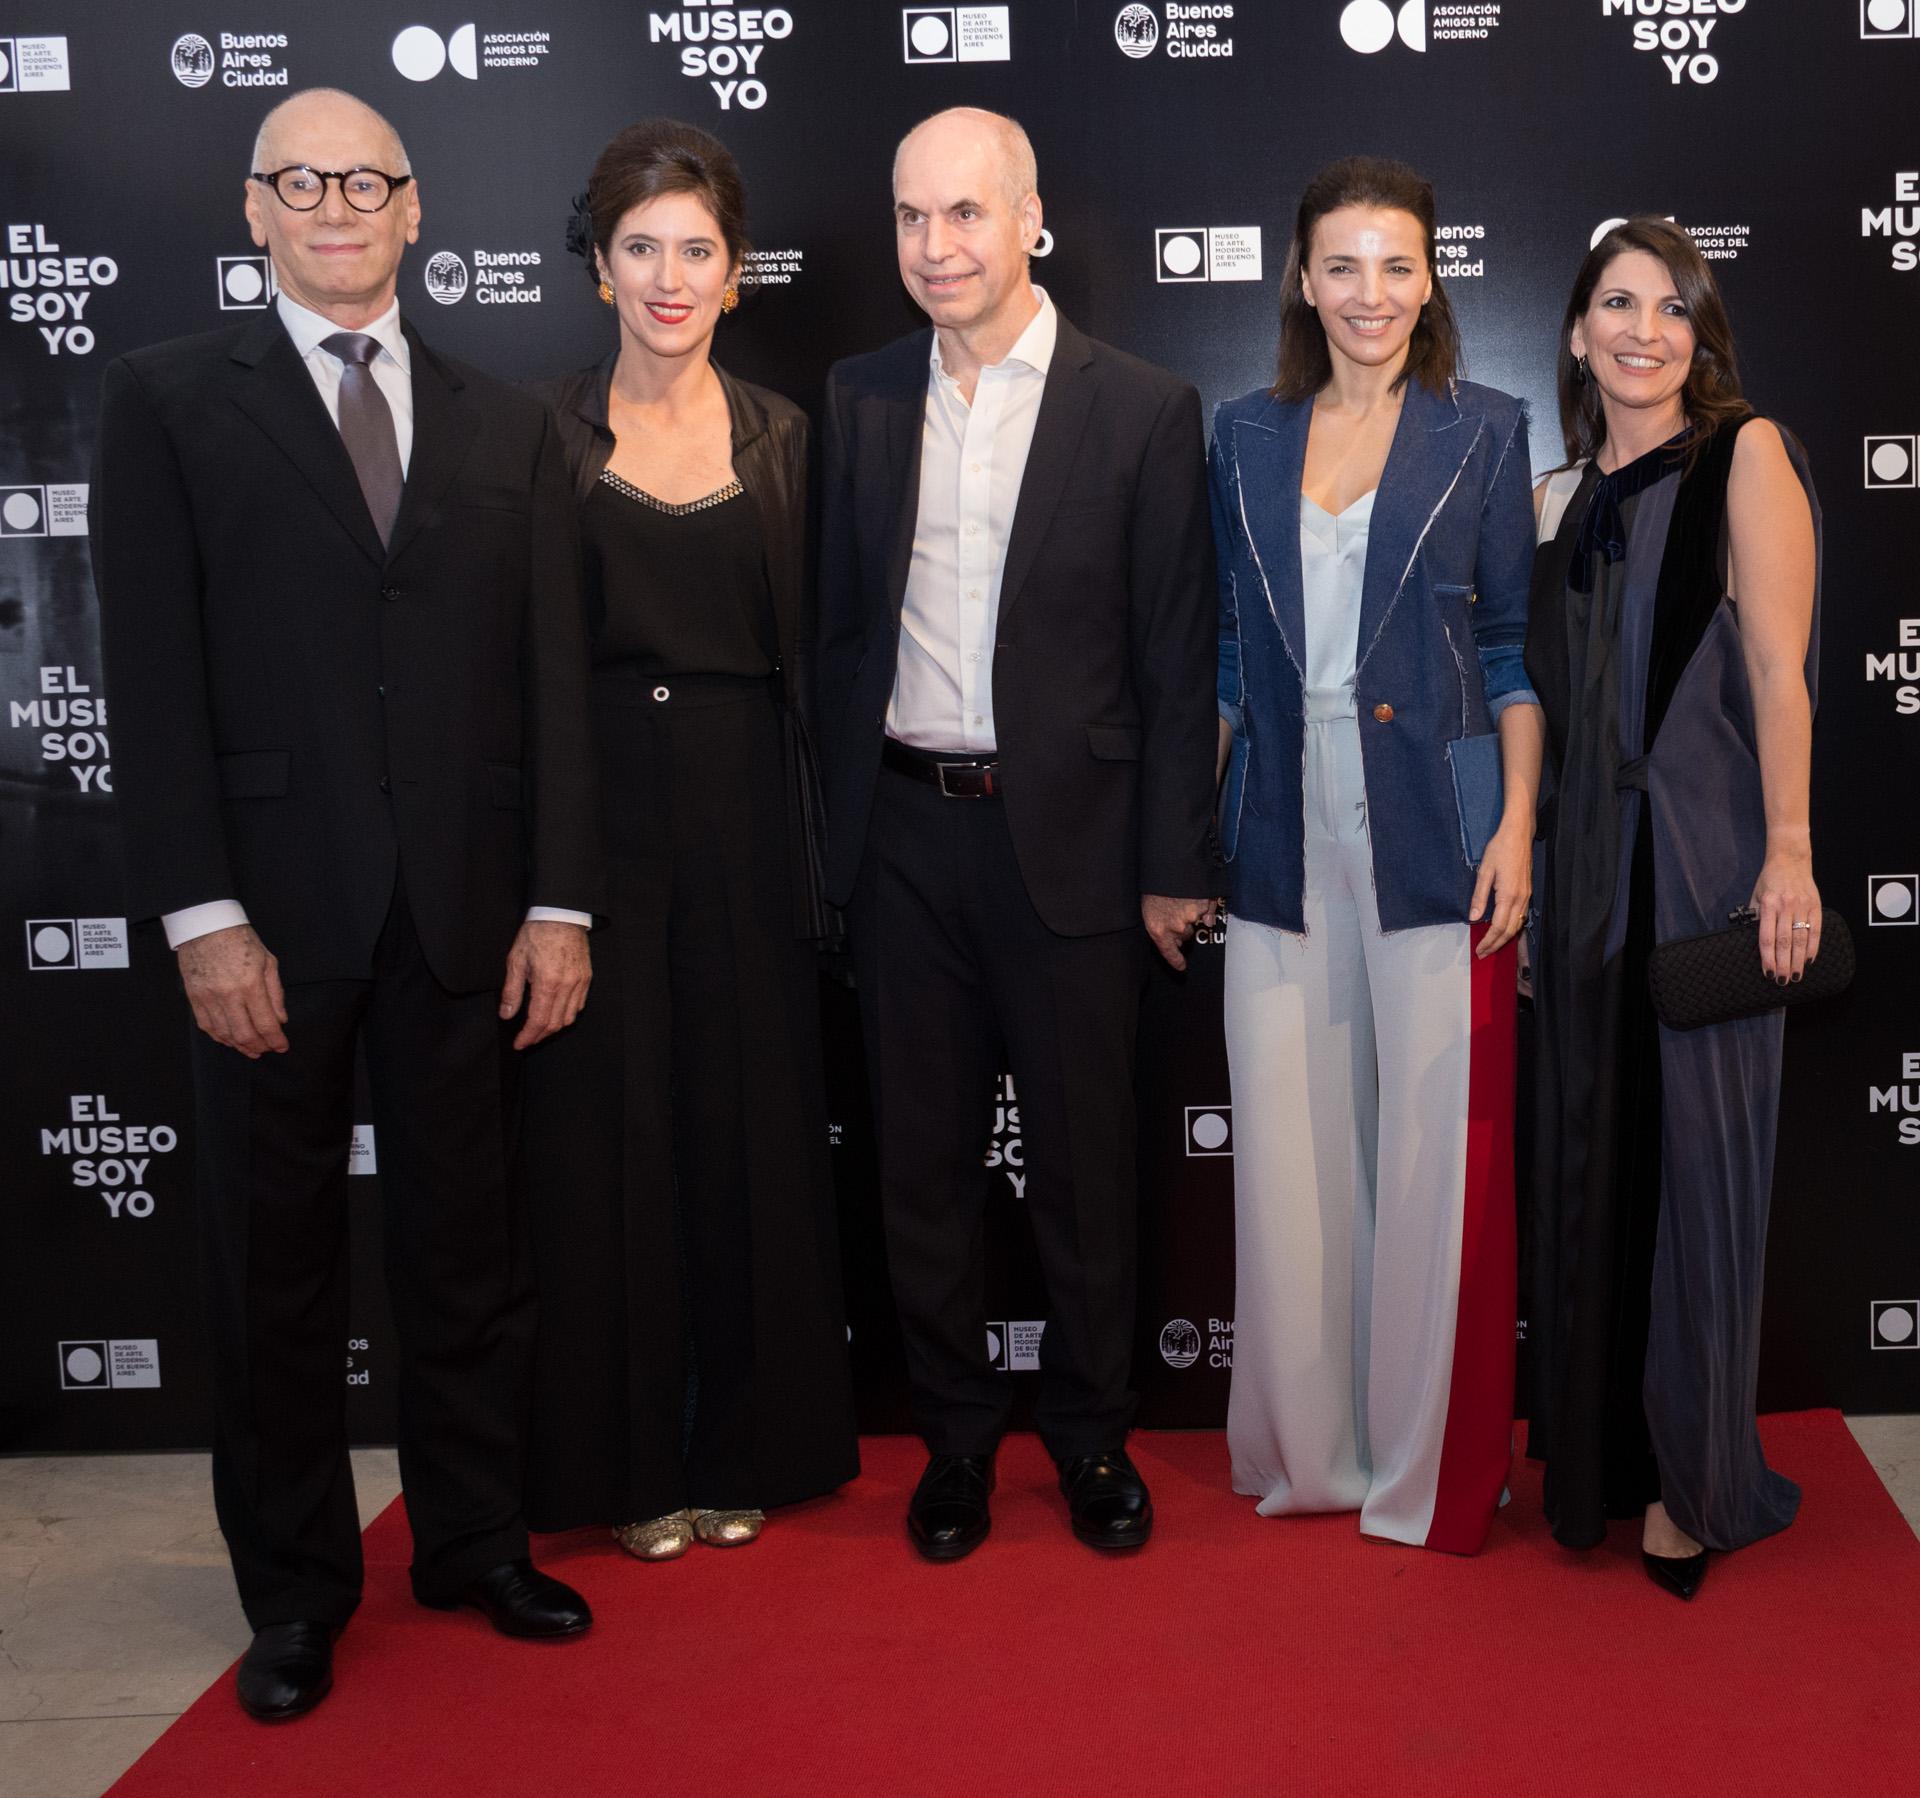 Abel Guaglianone, Victoria Noorthoorn, Horacio Rodríguez Larreta, Bárbara Diez y Larisa Andreani